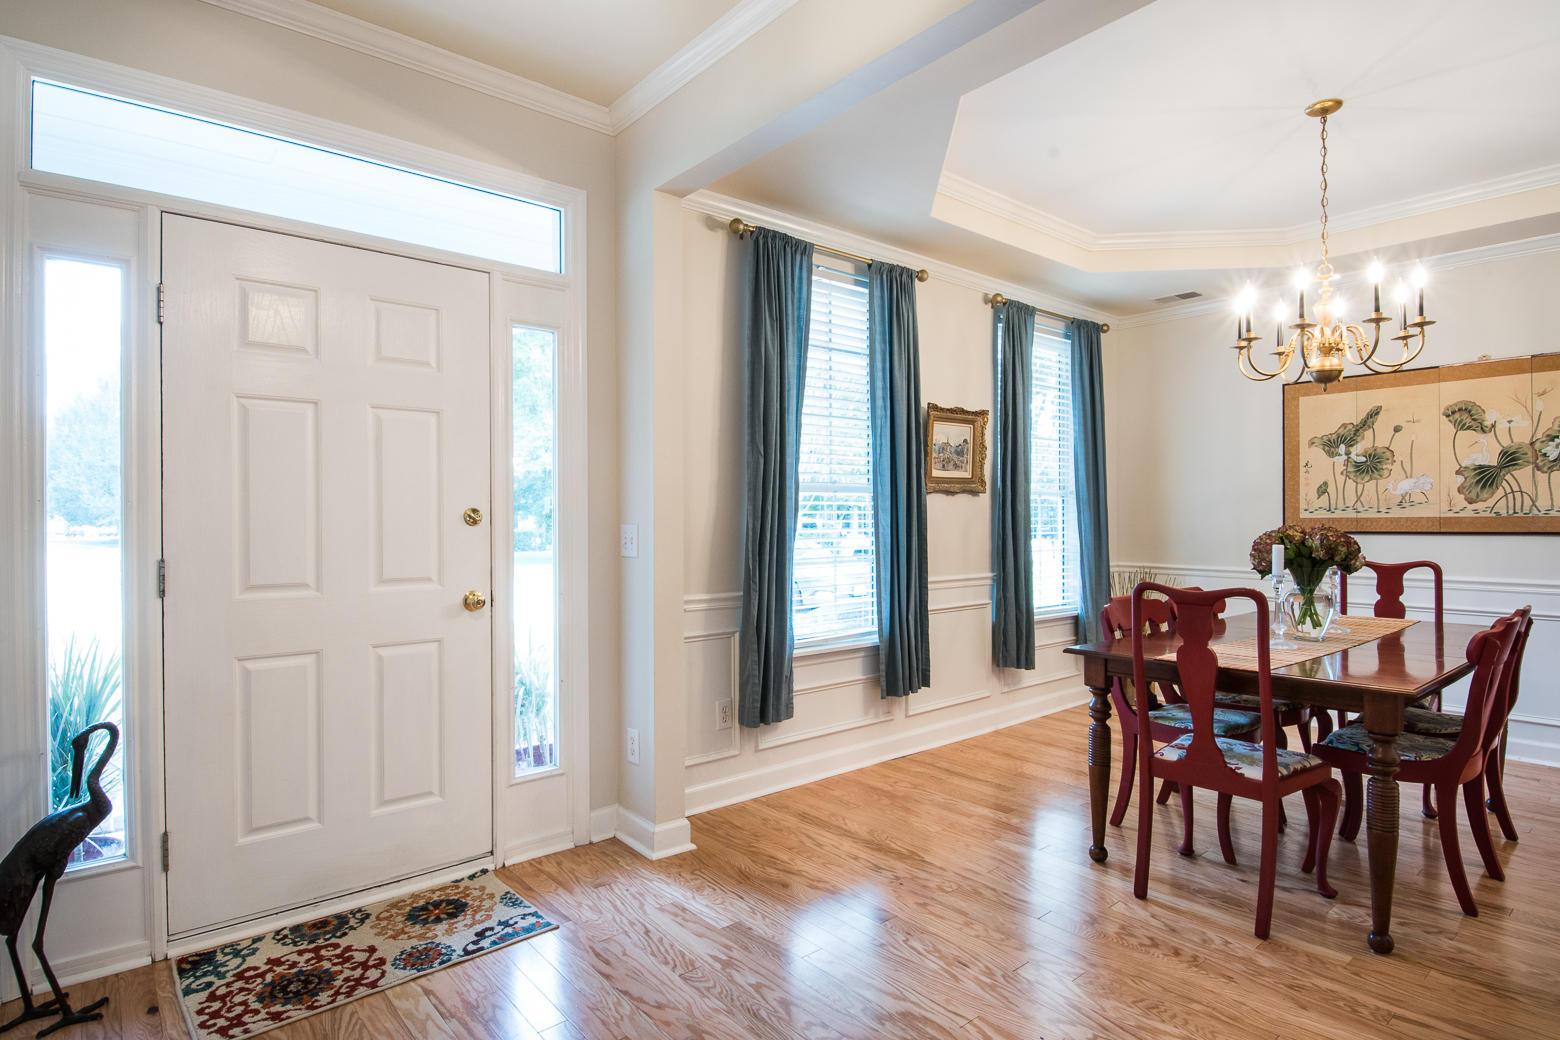 Dunes West Homes For Sale - 1111 Black Rush, Mount Pleasant, SC - 14